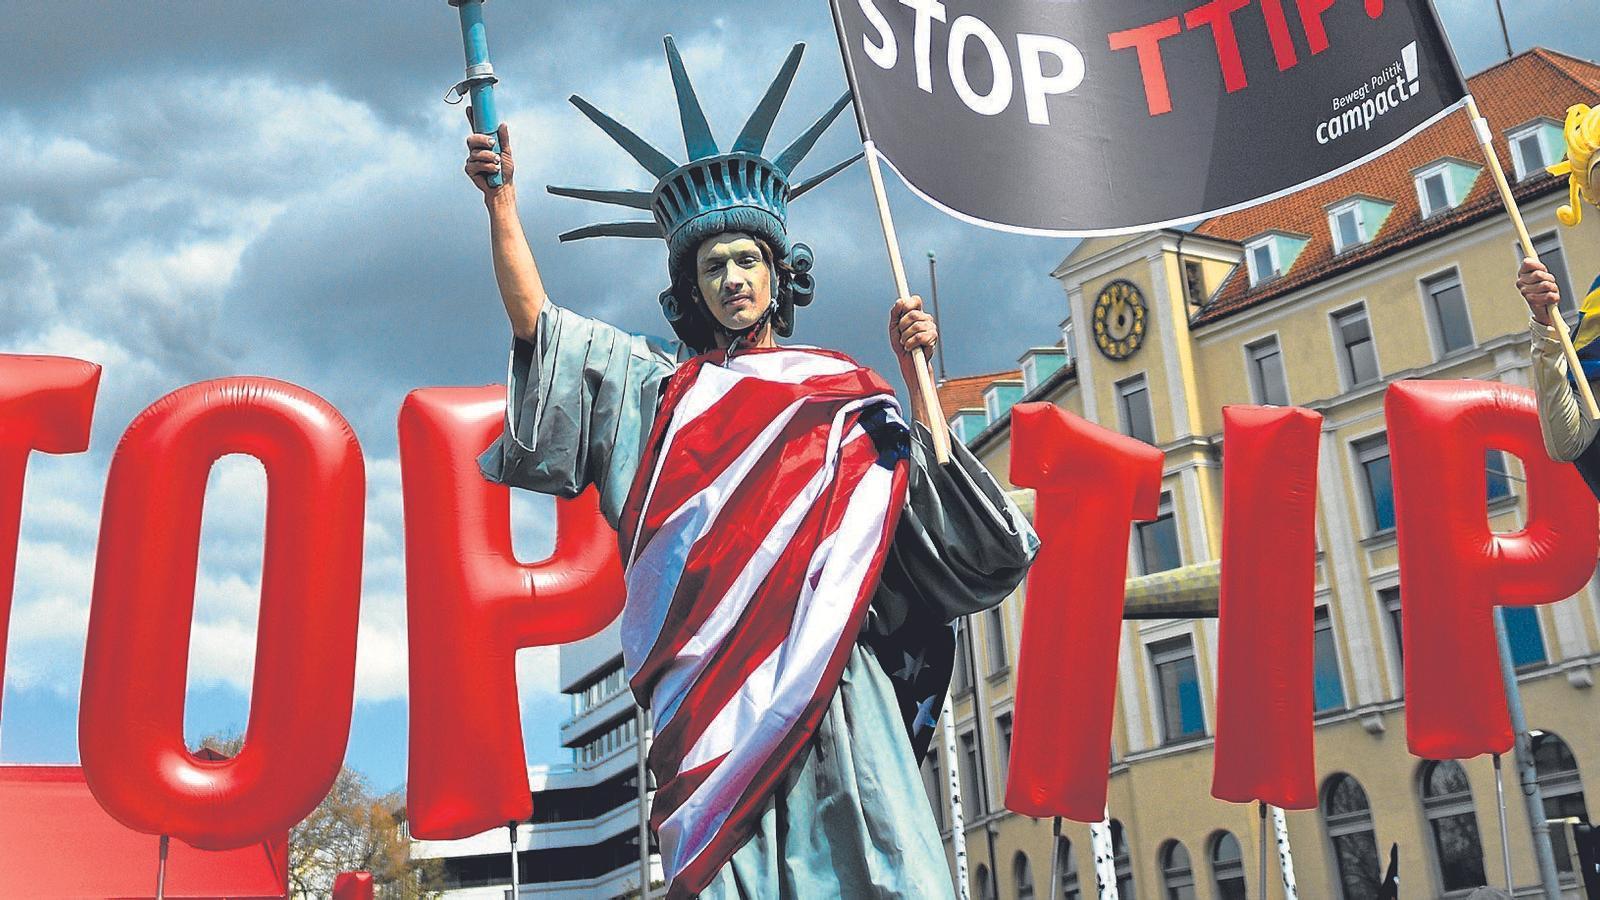 Protestes contra el TTIP a Hannover el 23 d'Abril,  dia de la visita de Barack Obama a la ciutat alemanya